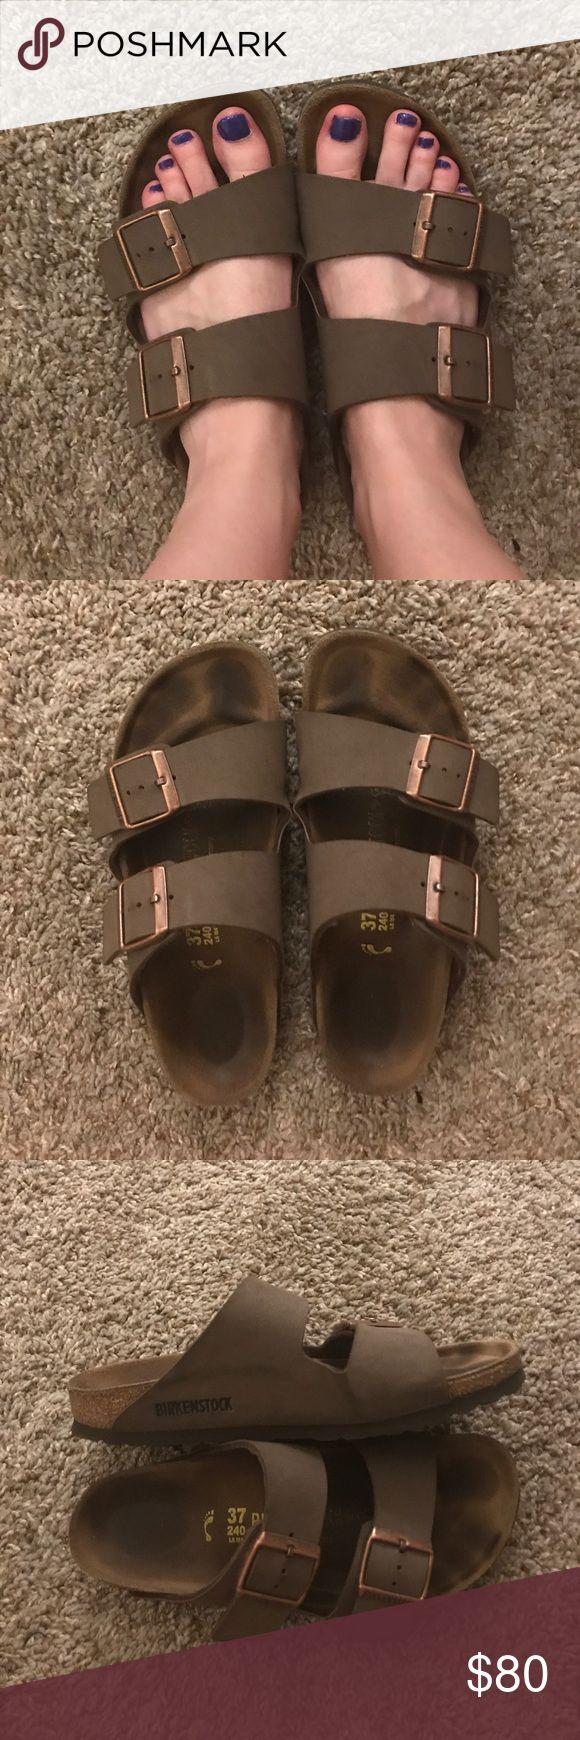 Birkenstocks size 37/6.5 US Used but in overall good condition. Brown Birkenstock Arizonas- size 37/ 6.5 US Women's. Birkenstock Shoes Sandals